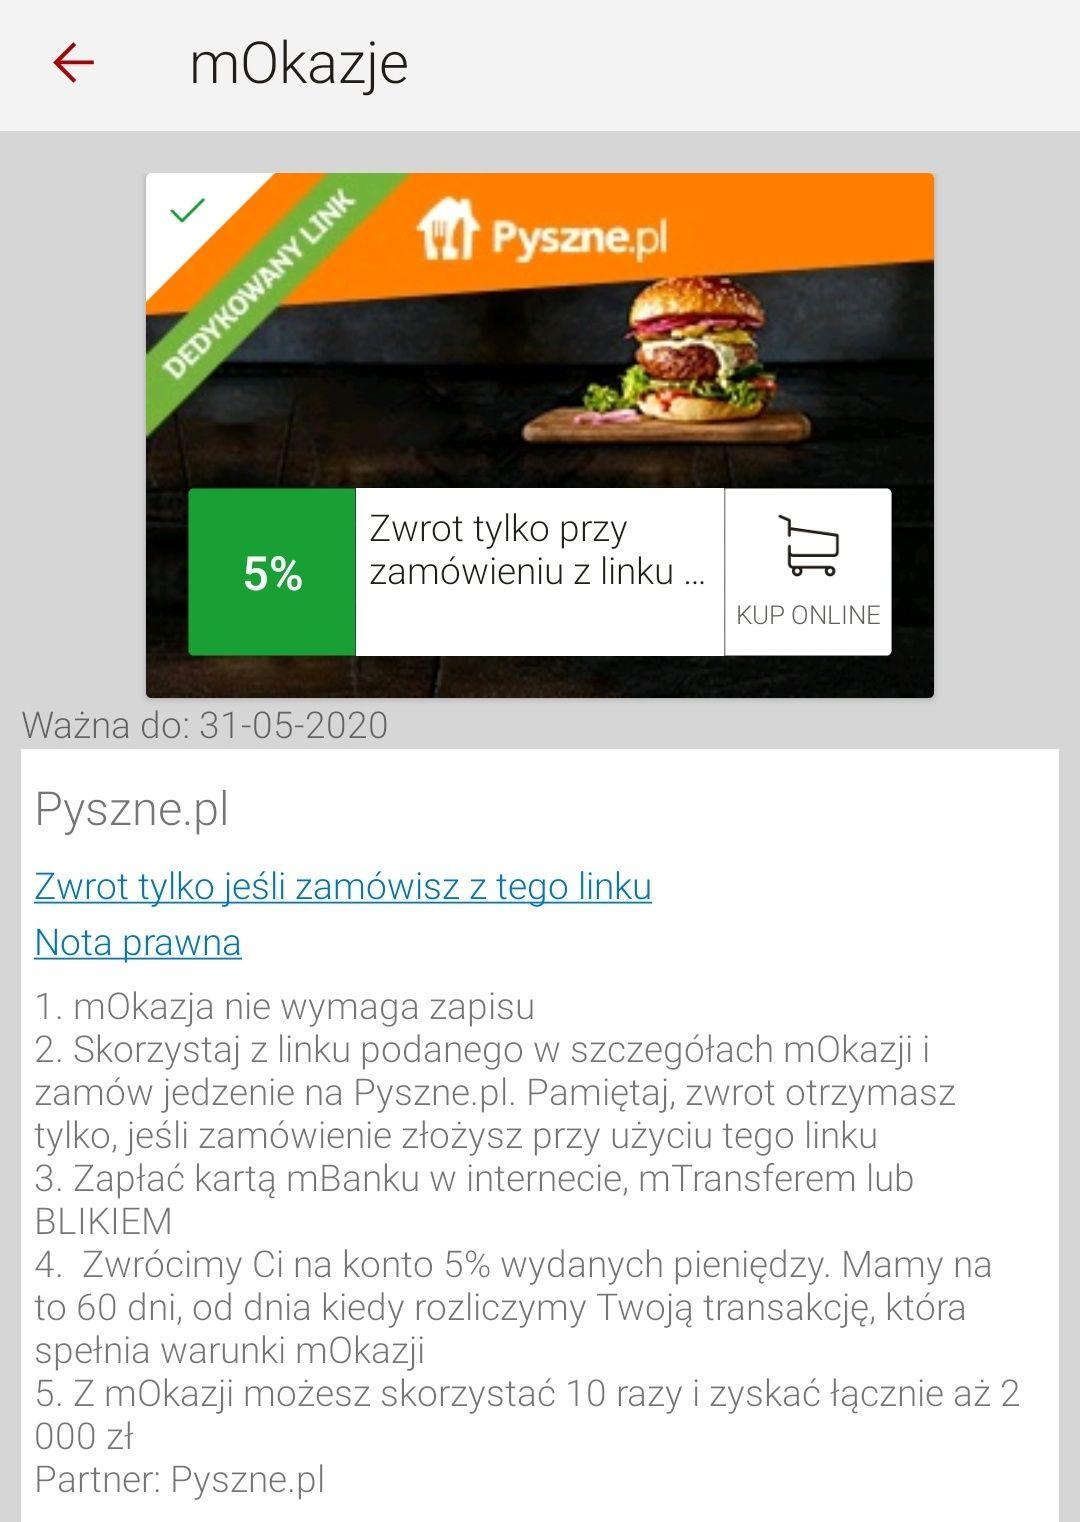 mOkazje i pyszne.pl